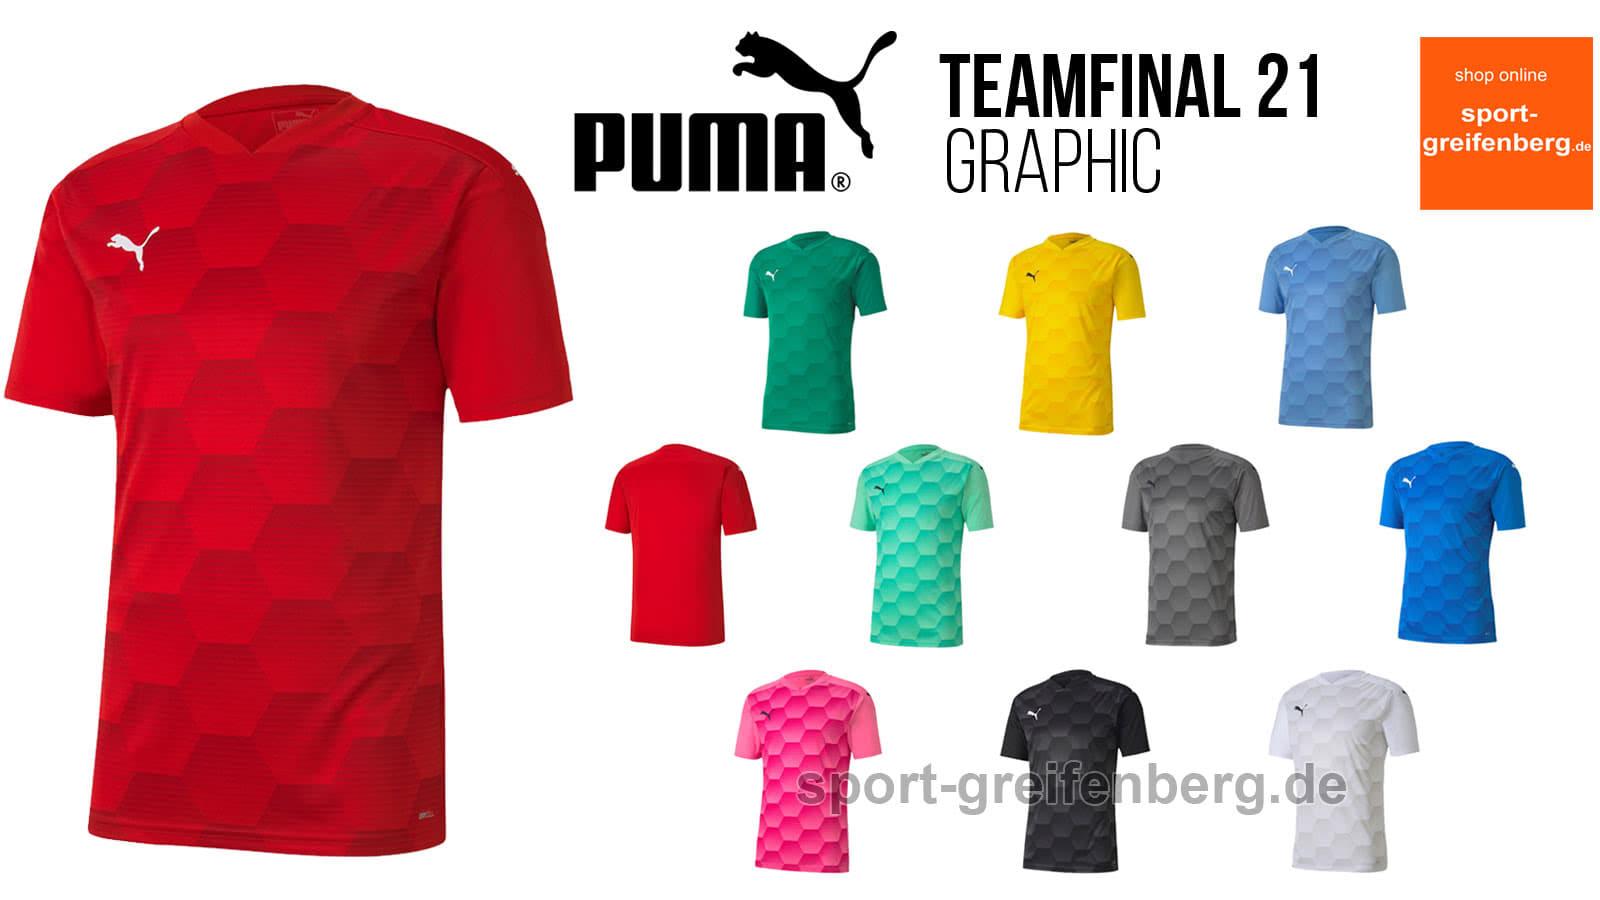 Das puma teamfinal 21 graphic trikot für 2020 und 2021